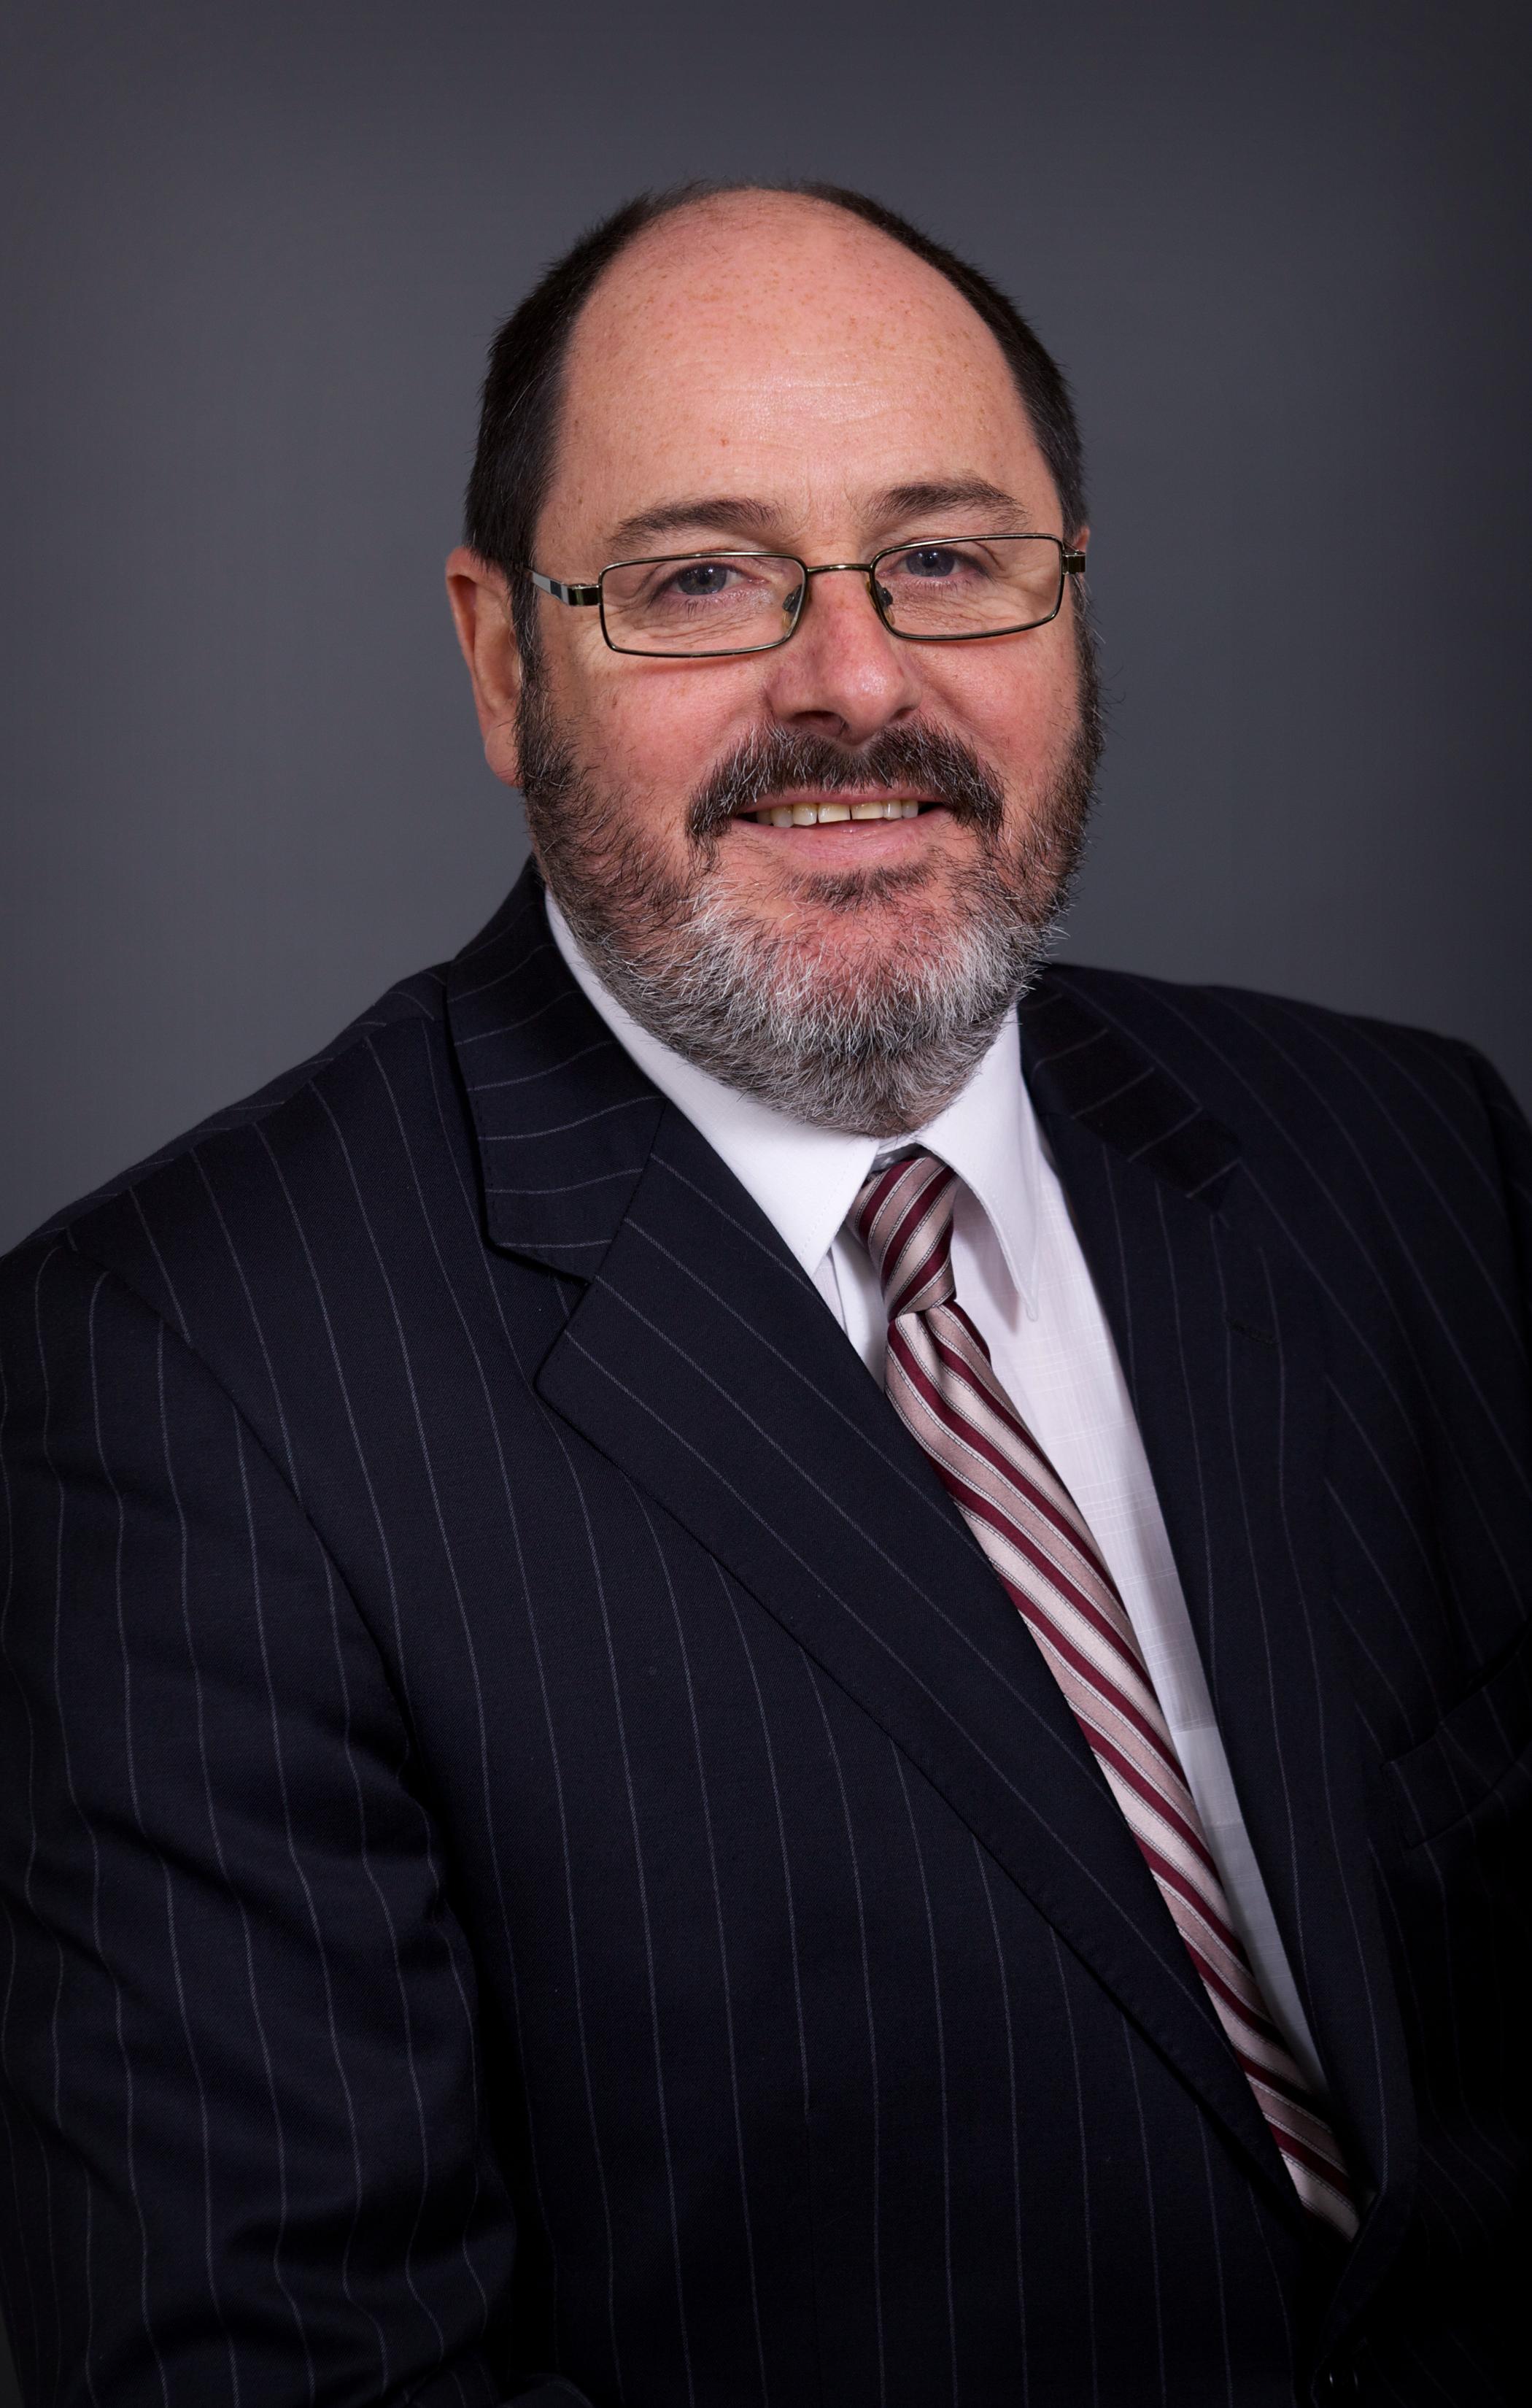 Denis Meehan, LL.B (MONASH)